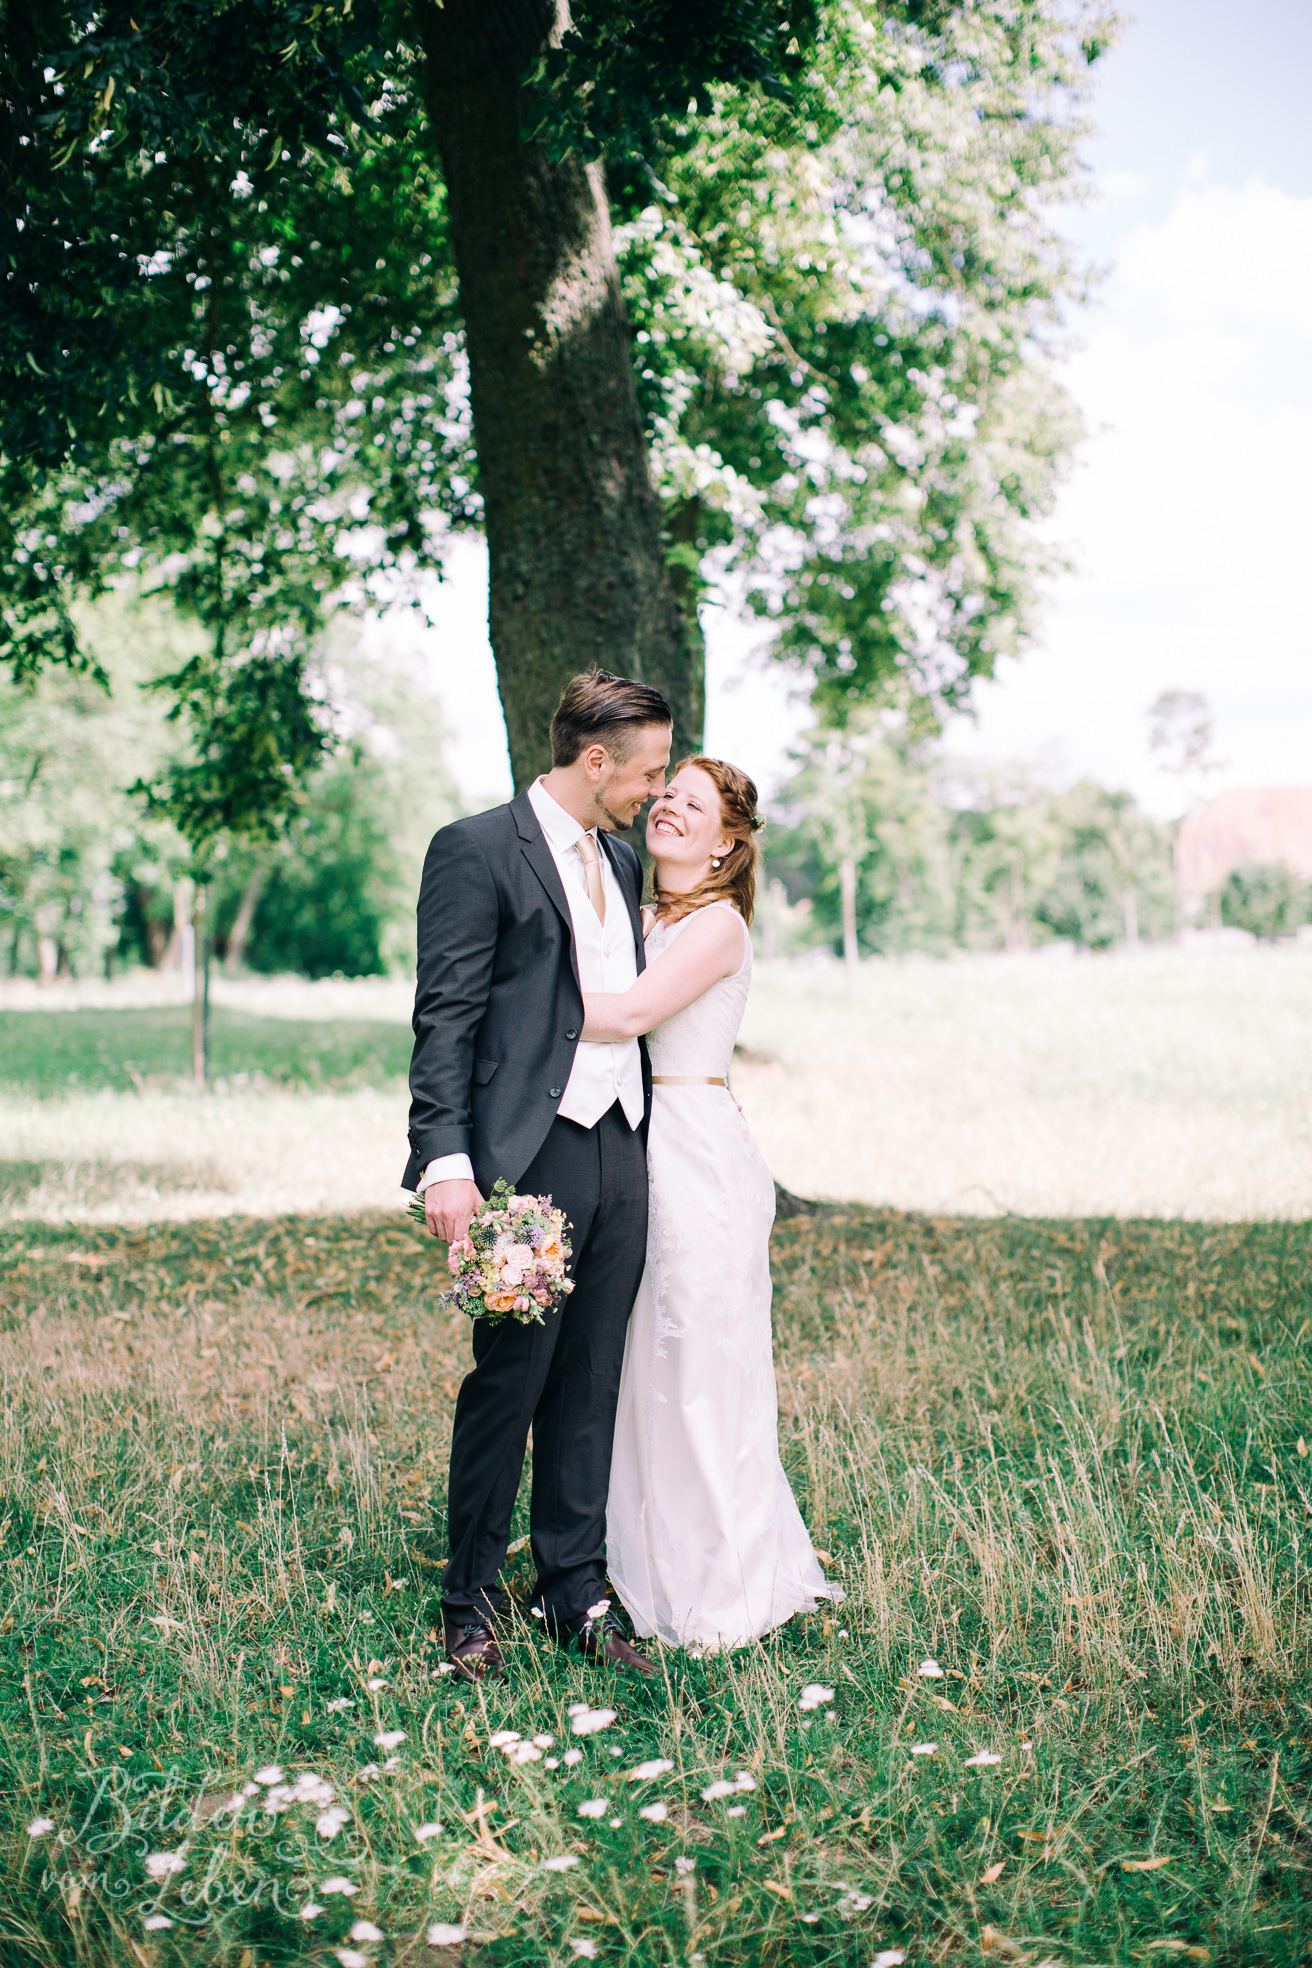 Franzi-Mike-Hochzeitsfotos-Triesdorf-IM2C0785